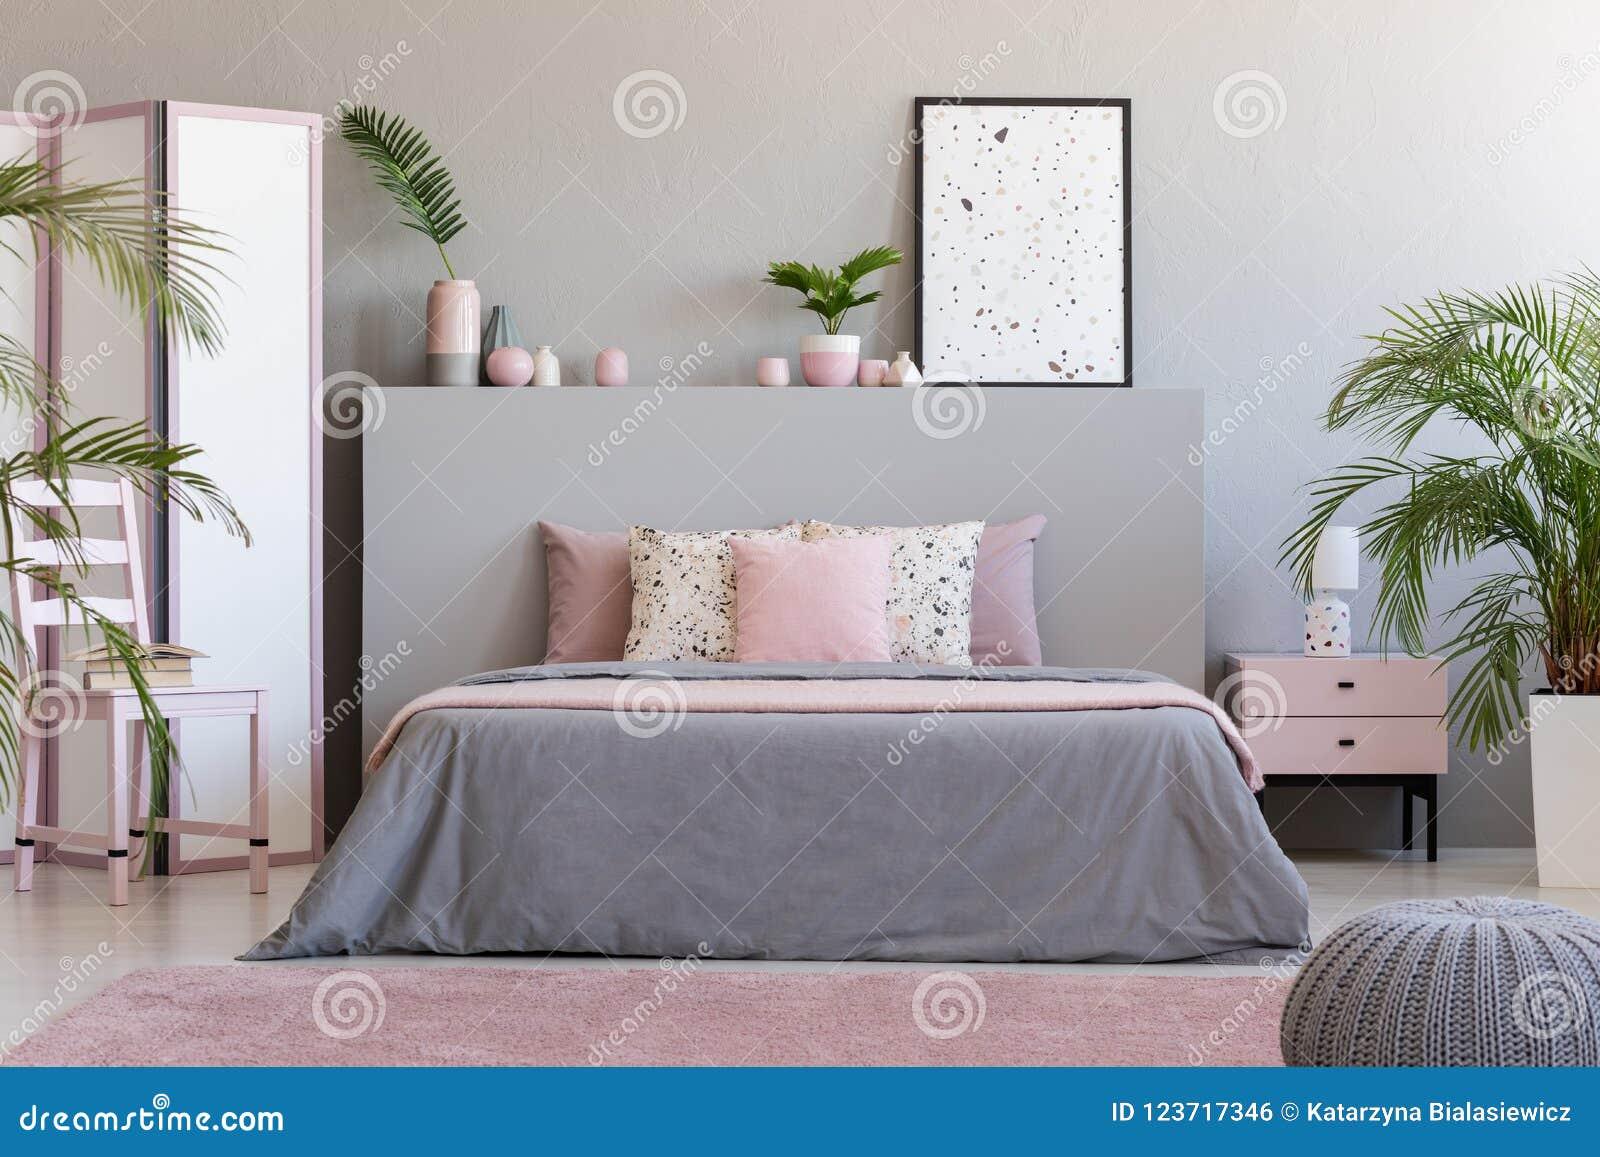 Plakat auf grauem bedhead im Schlafzimmerinnenraum mit rosa Kissen an